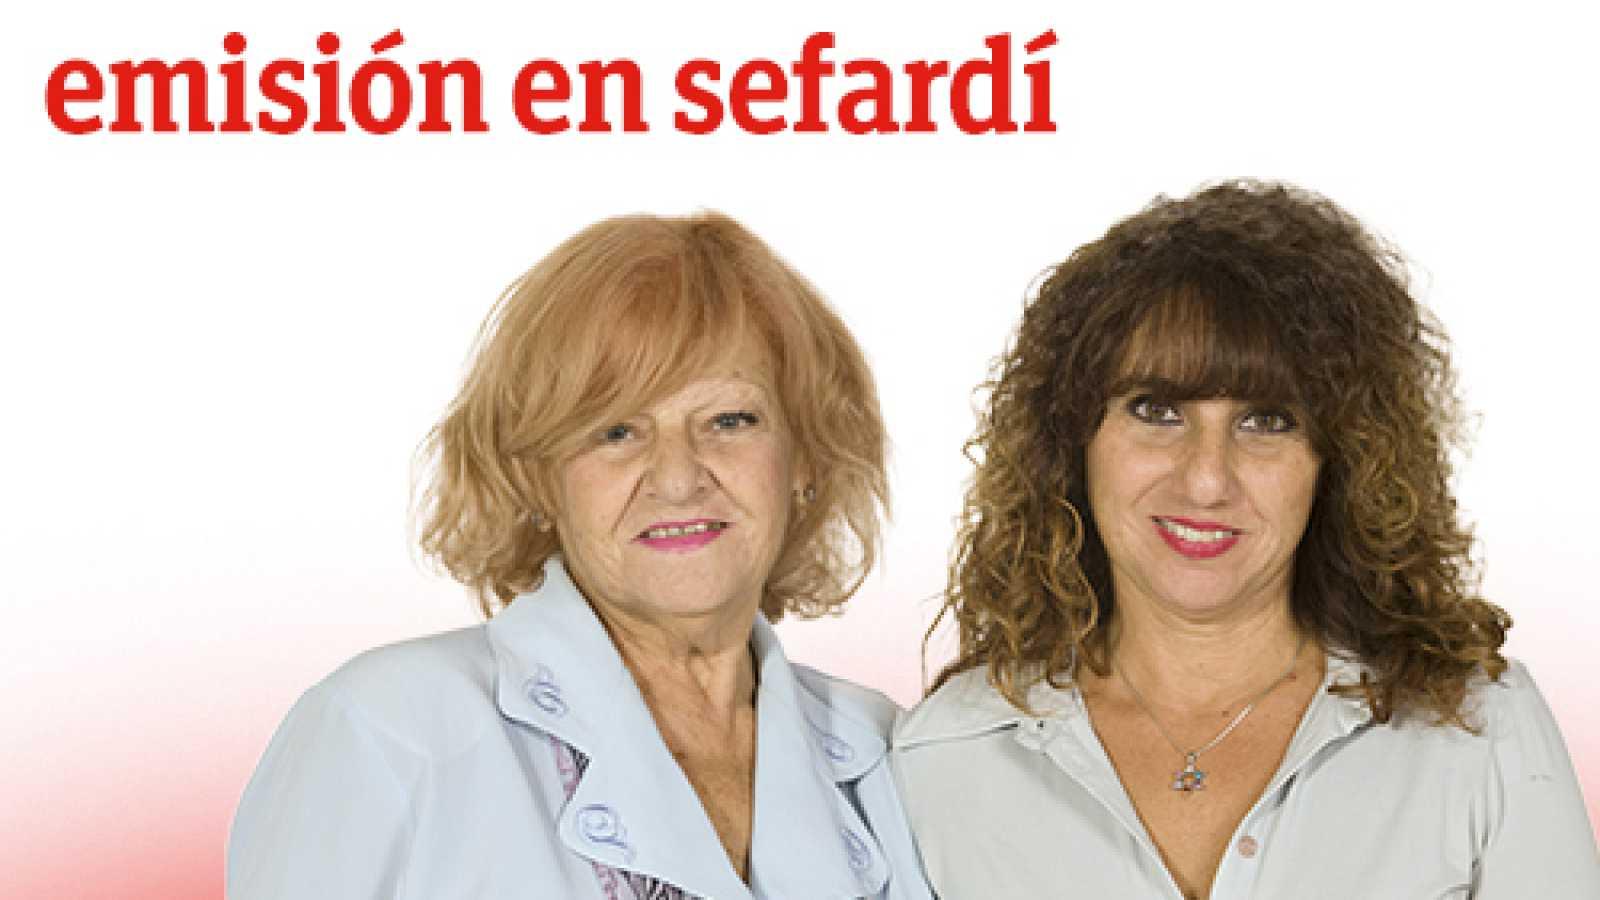 Emisión en sefardí - Comunidad sefardí de la Isla de Rodas - 08/10/20 - escuchar ahora